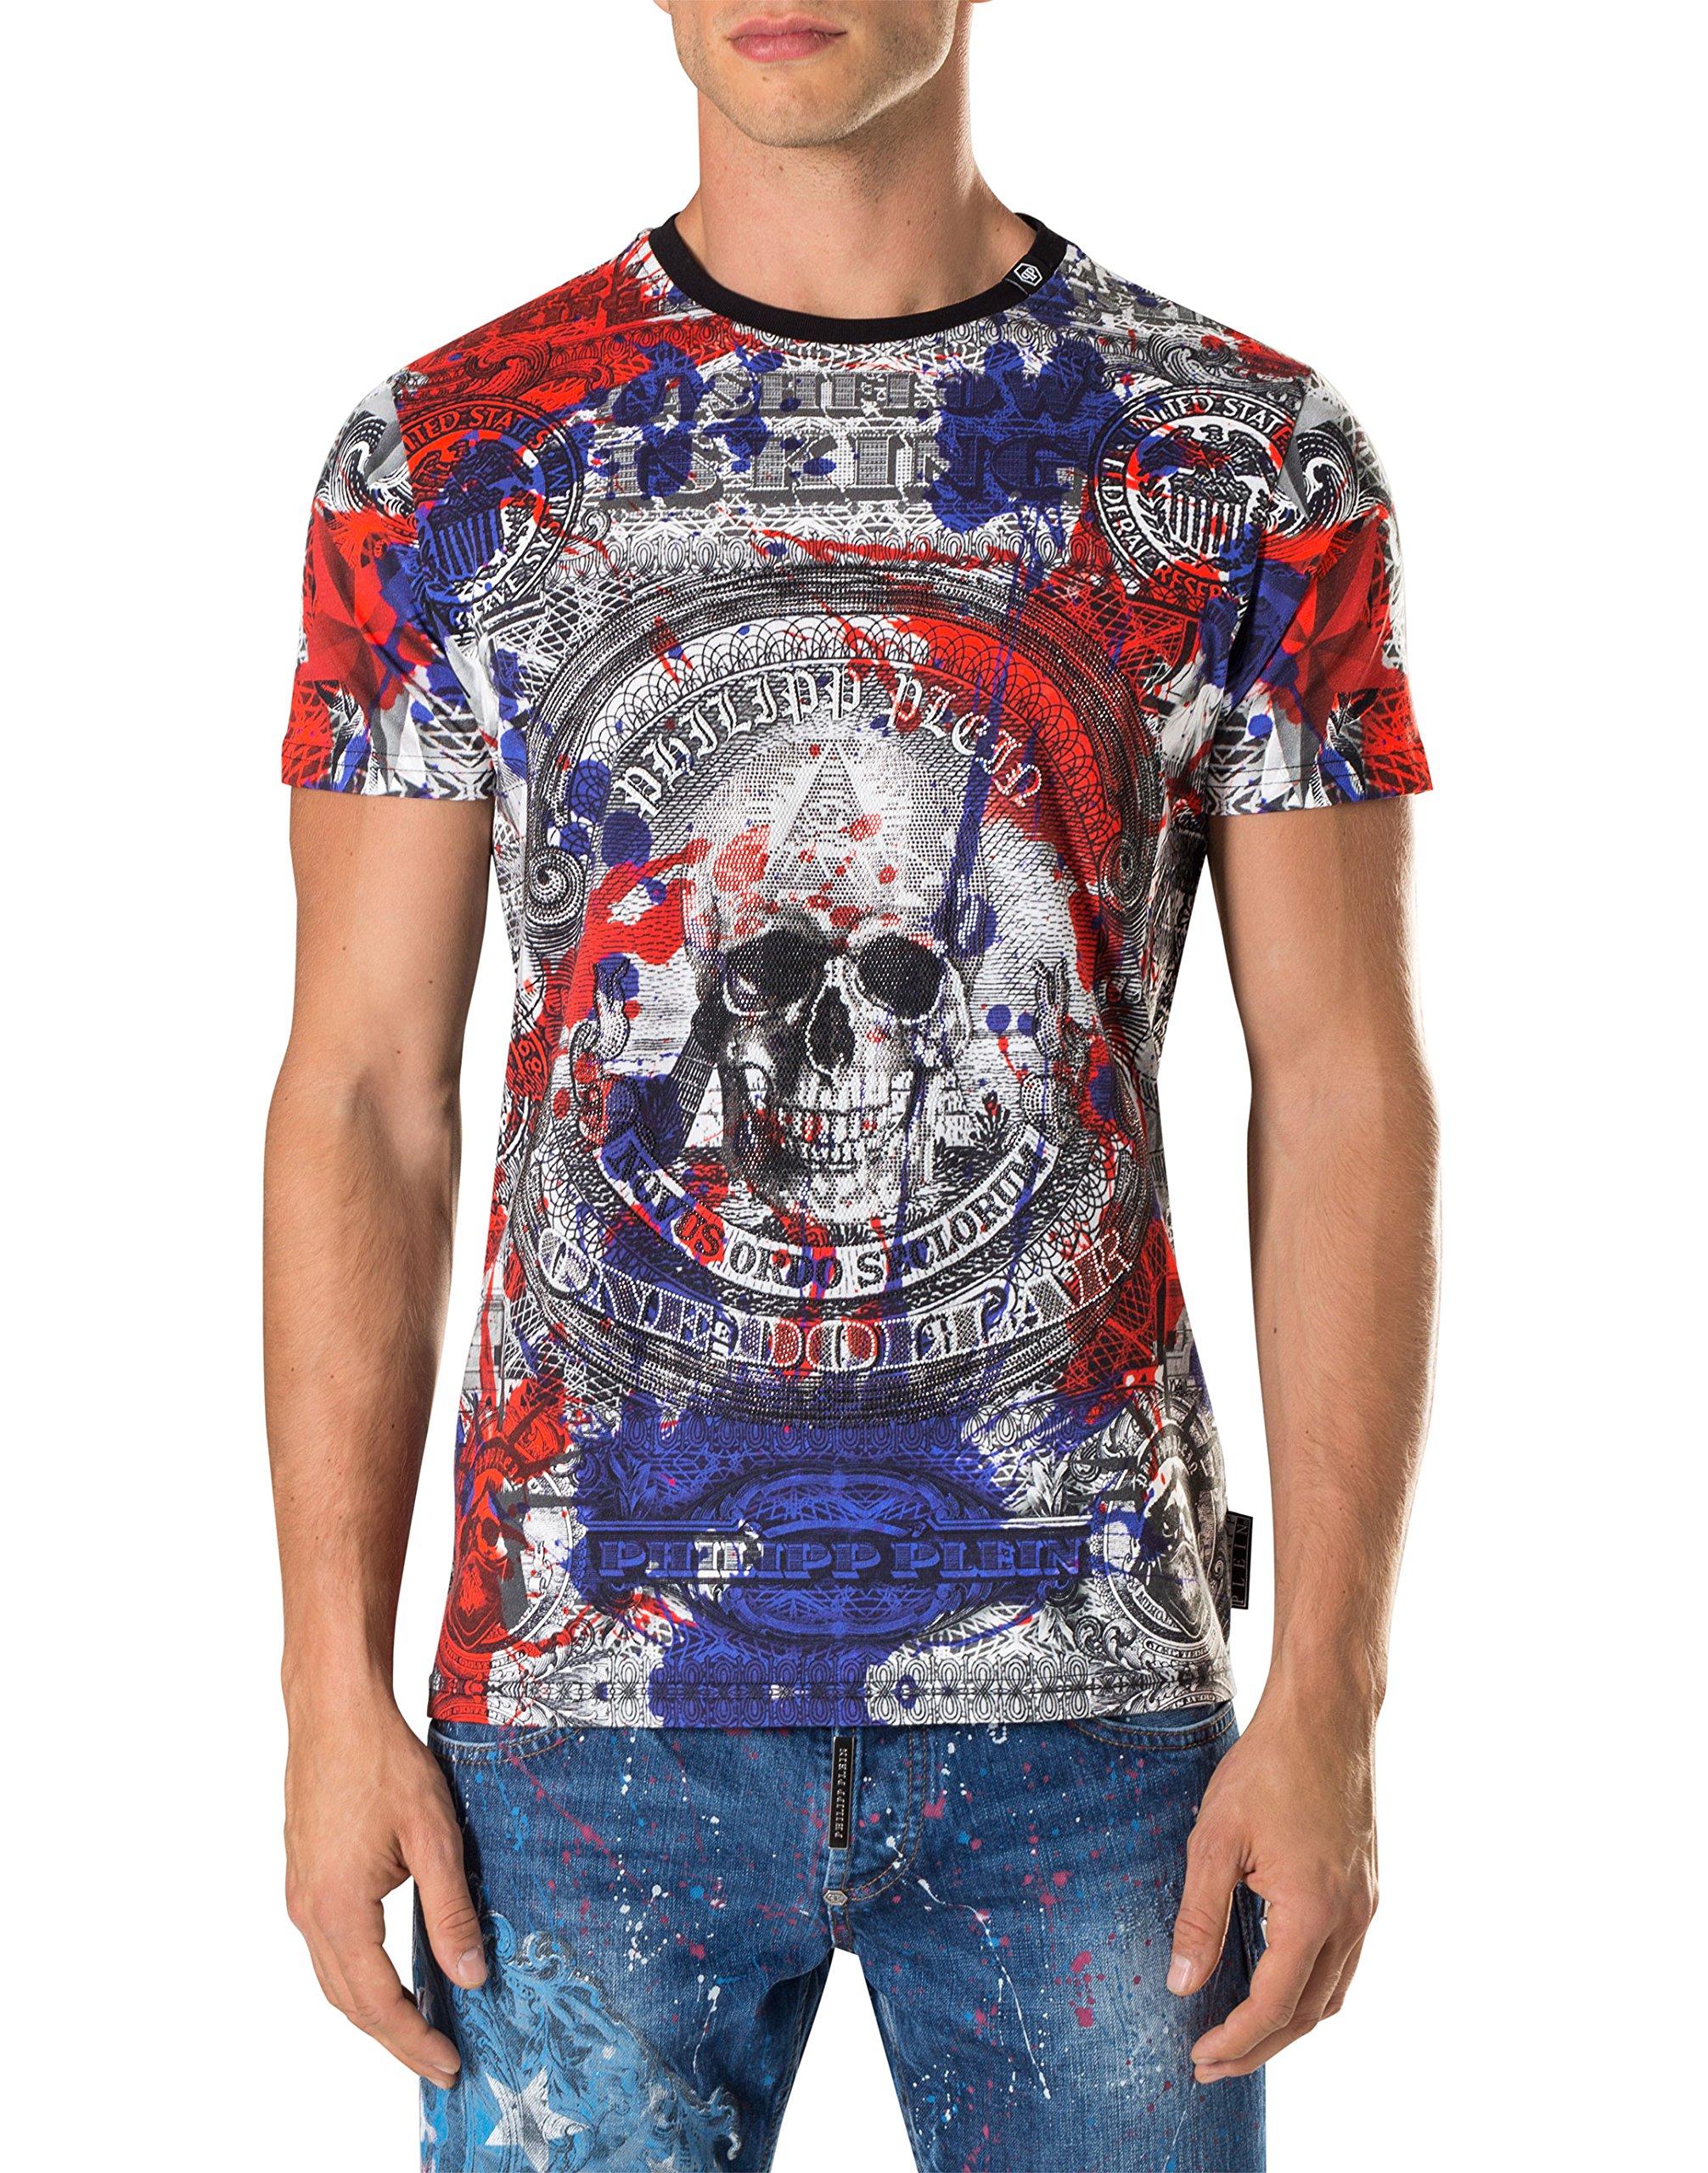 PHILIPP PLEIN Men's T-shirt Herb - multicoloured, XXL by Philipp Plein